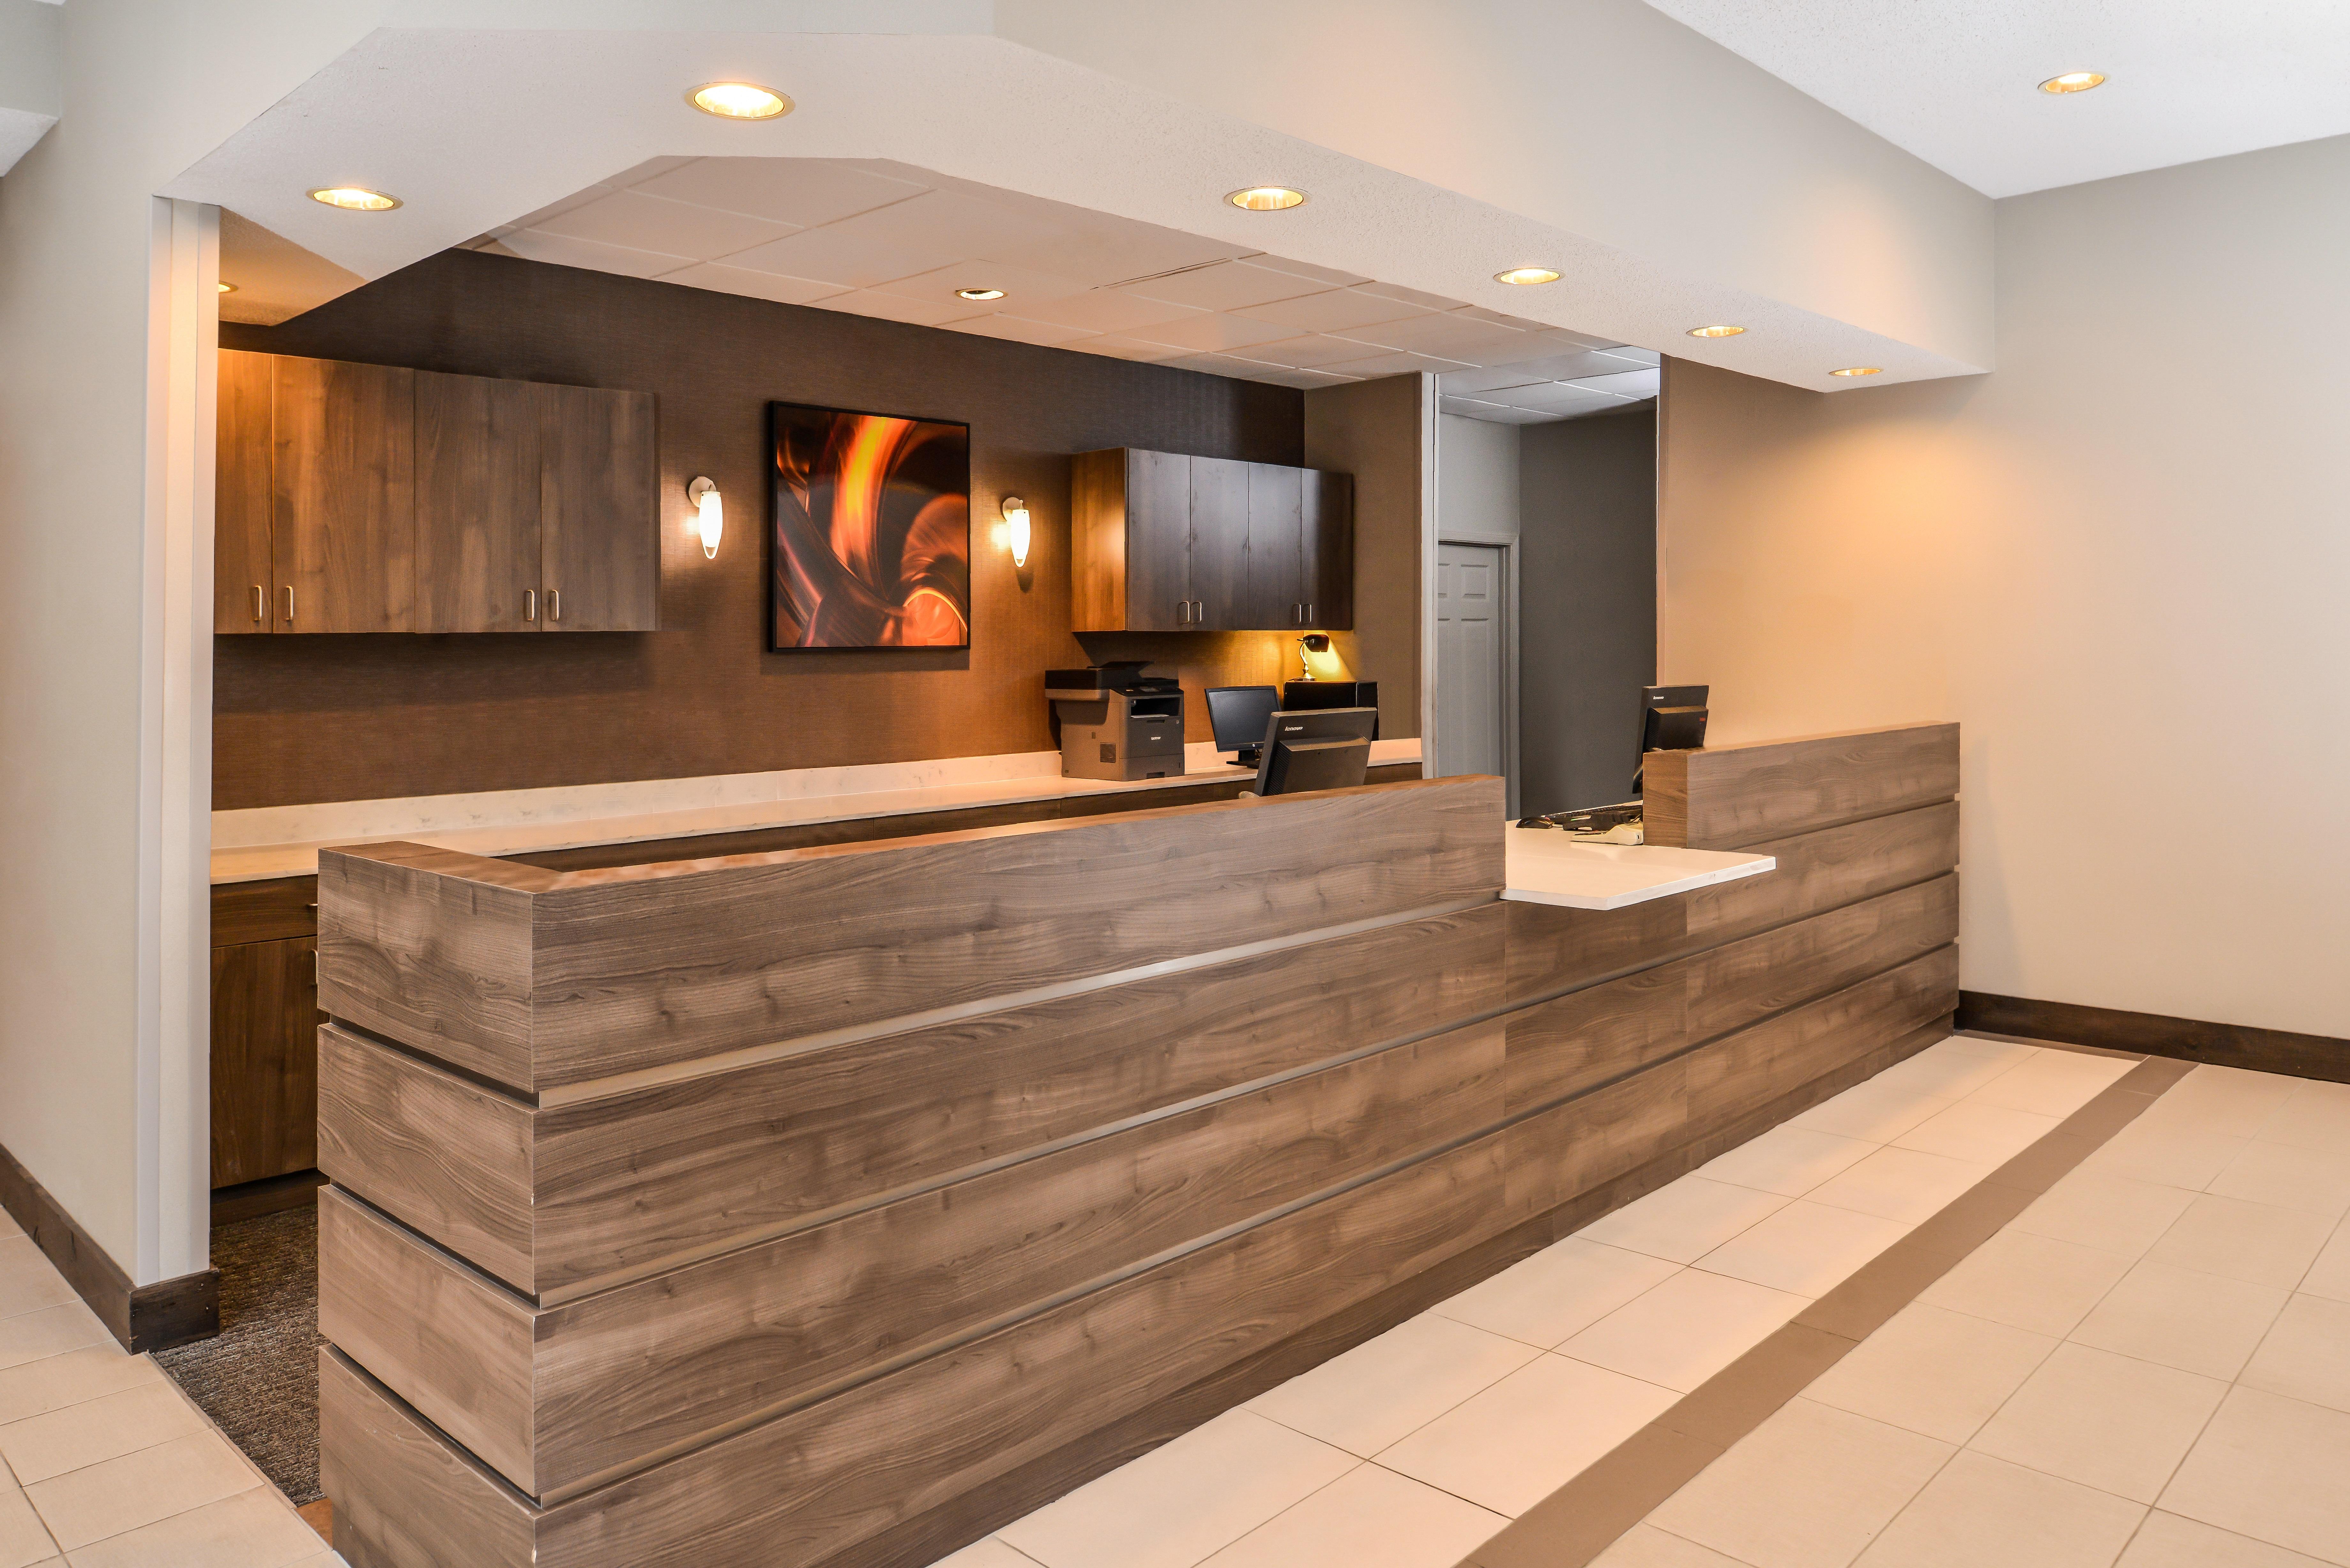 Residence Inn by Marriott Branson image 4